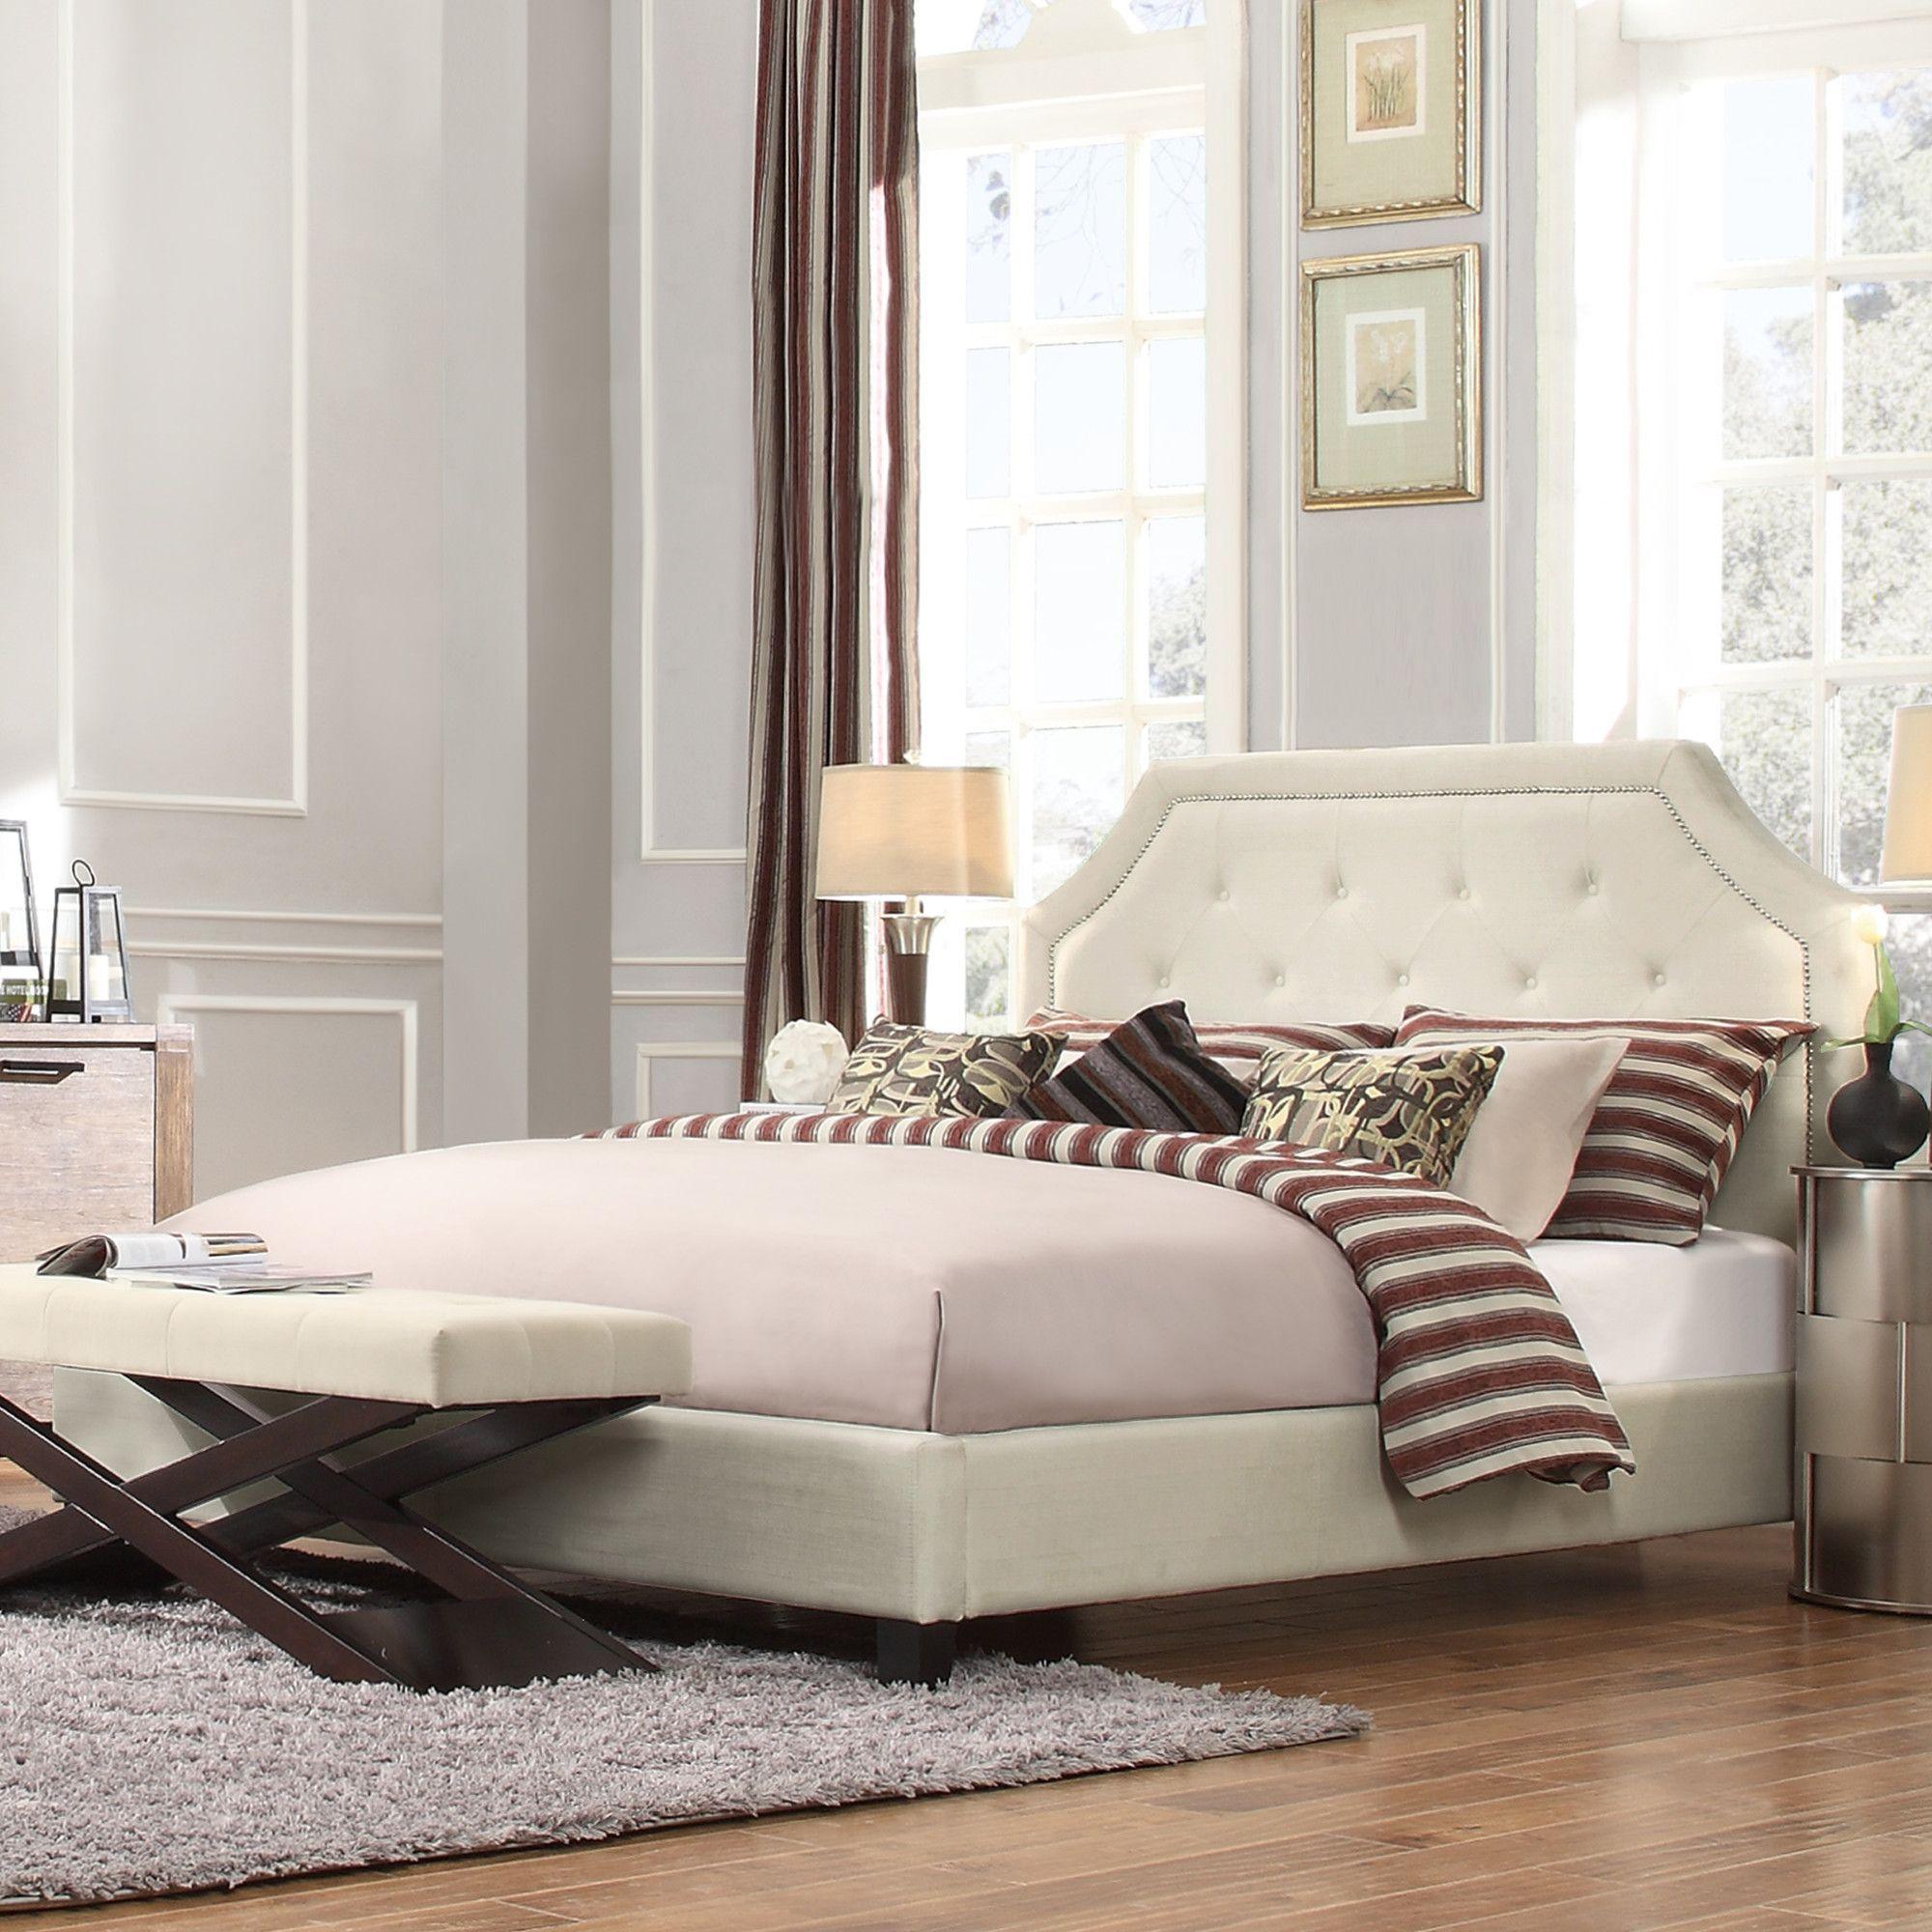 Cassville Upholstered Standard Bed Furniture, Bed